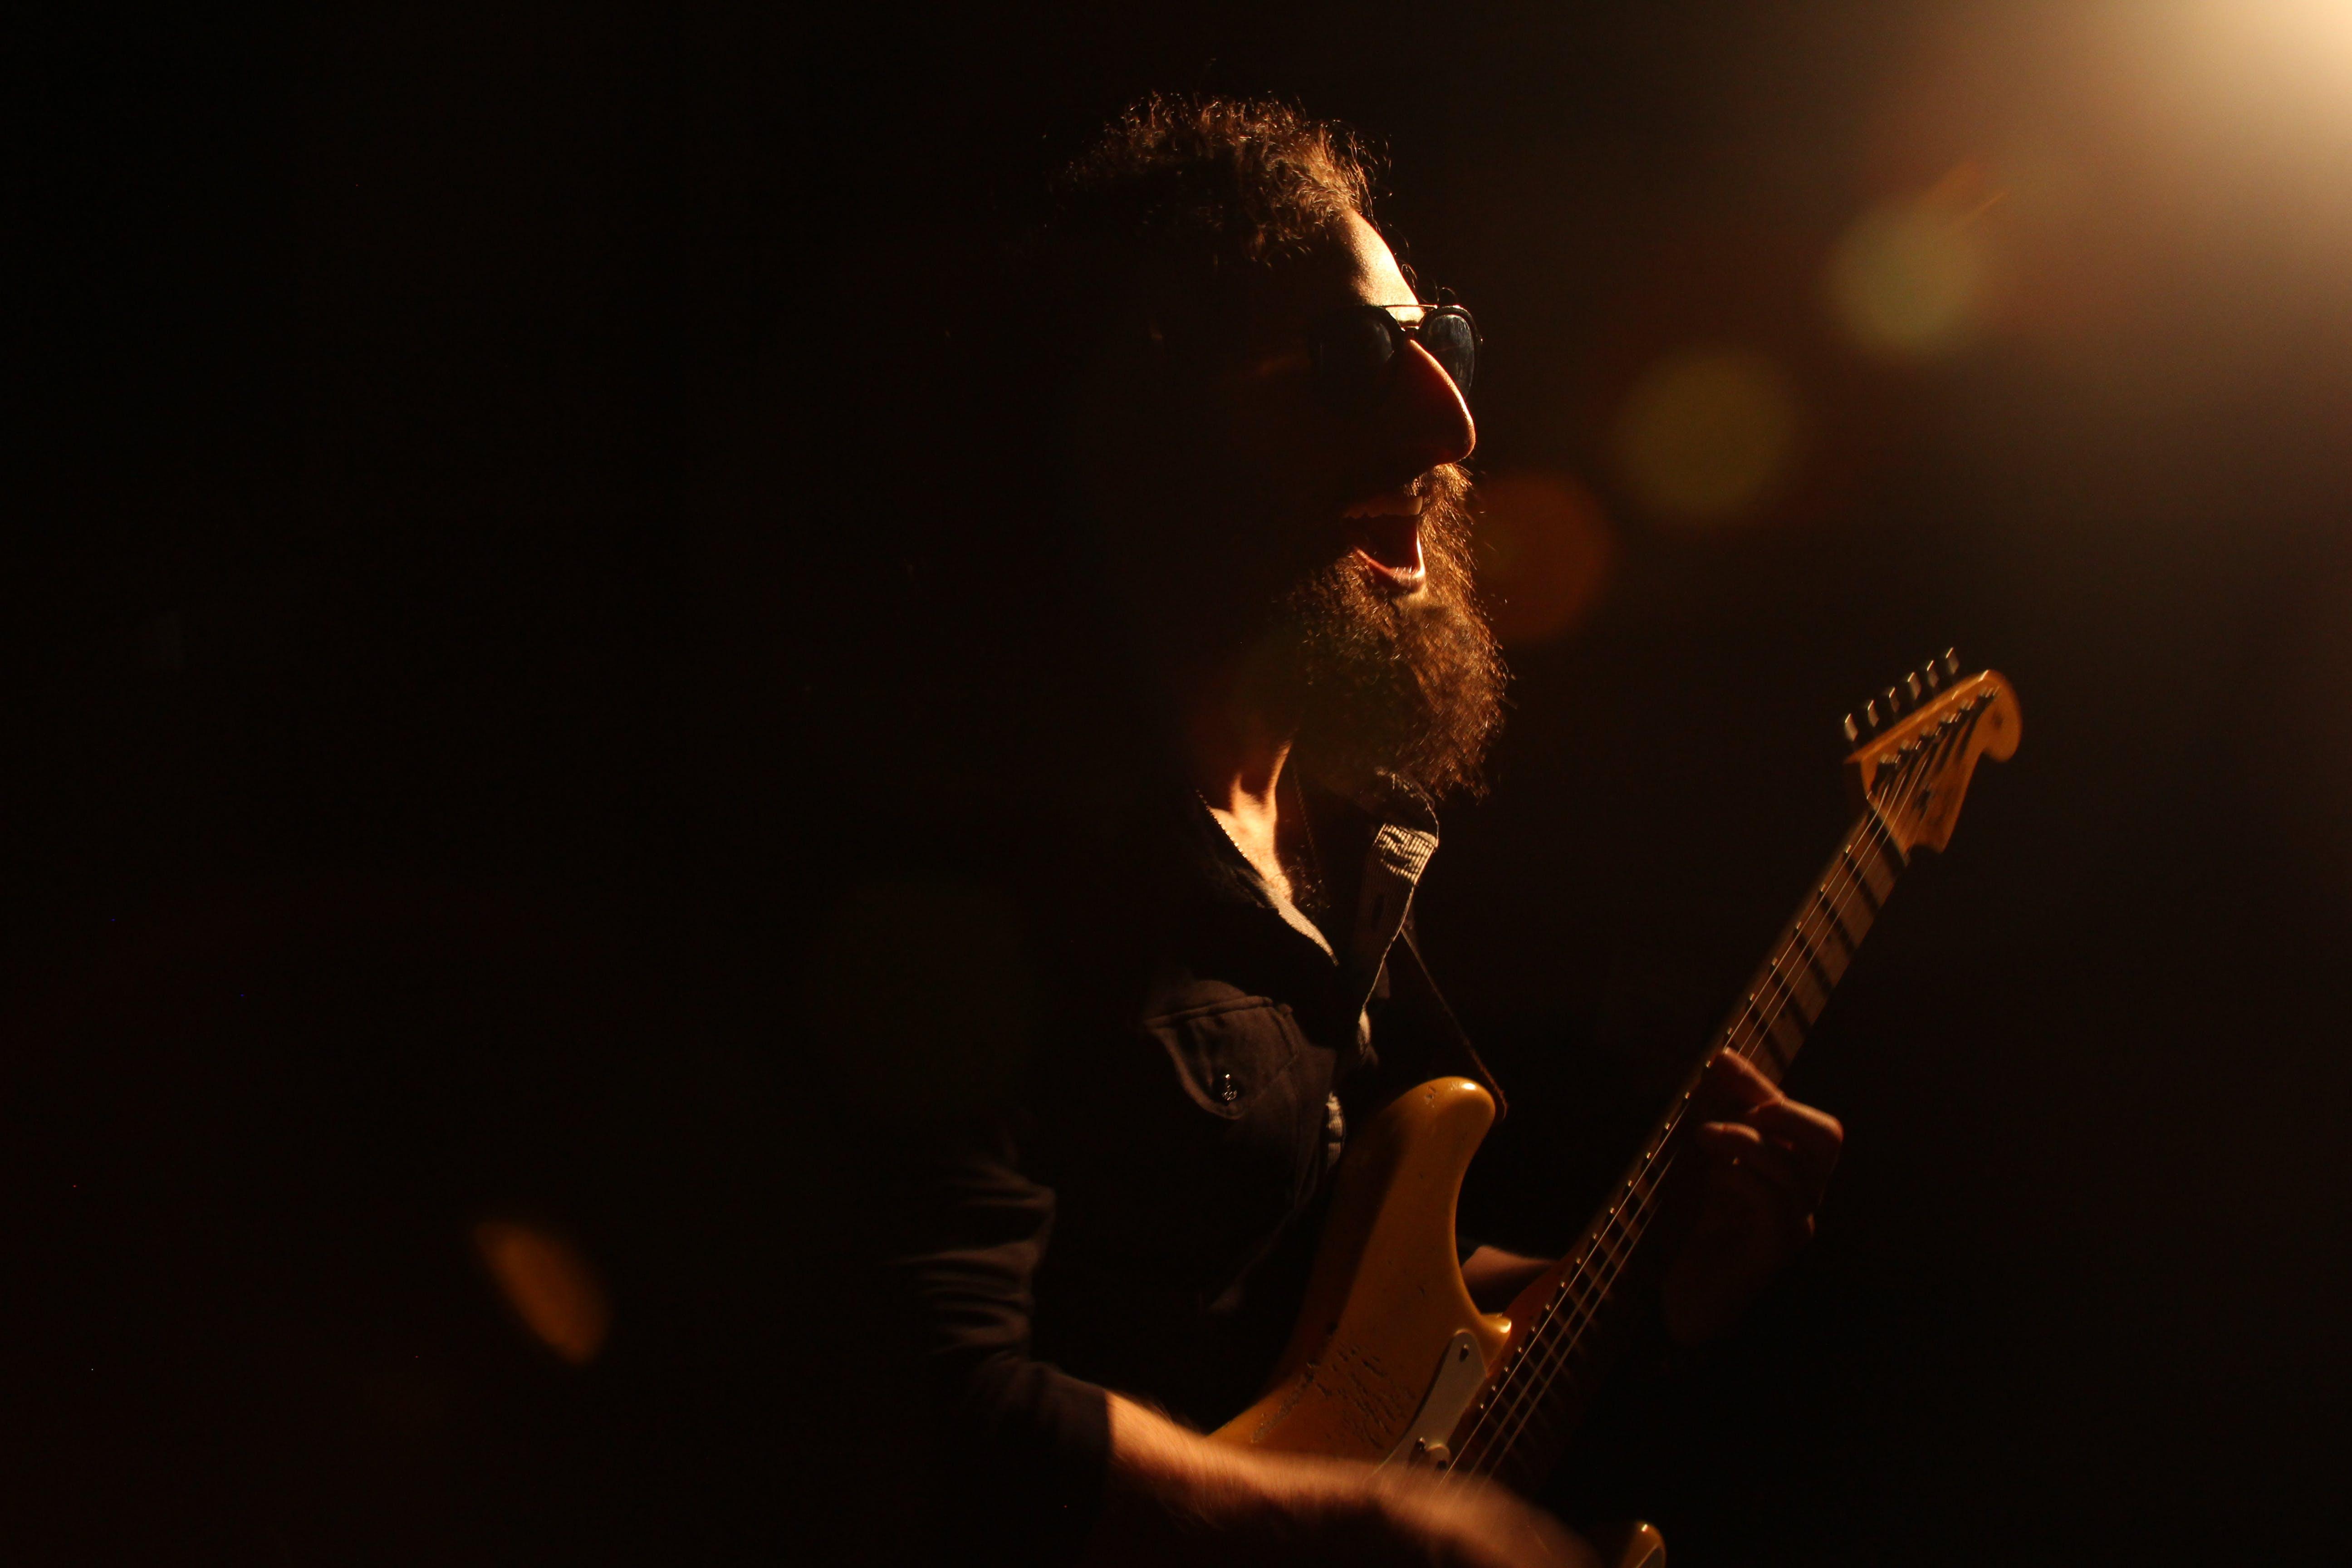 elektrisk guitar, guitar, guitarist